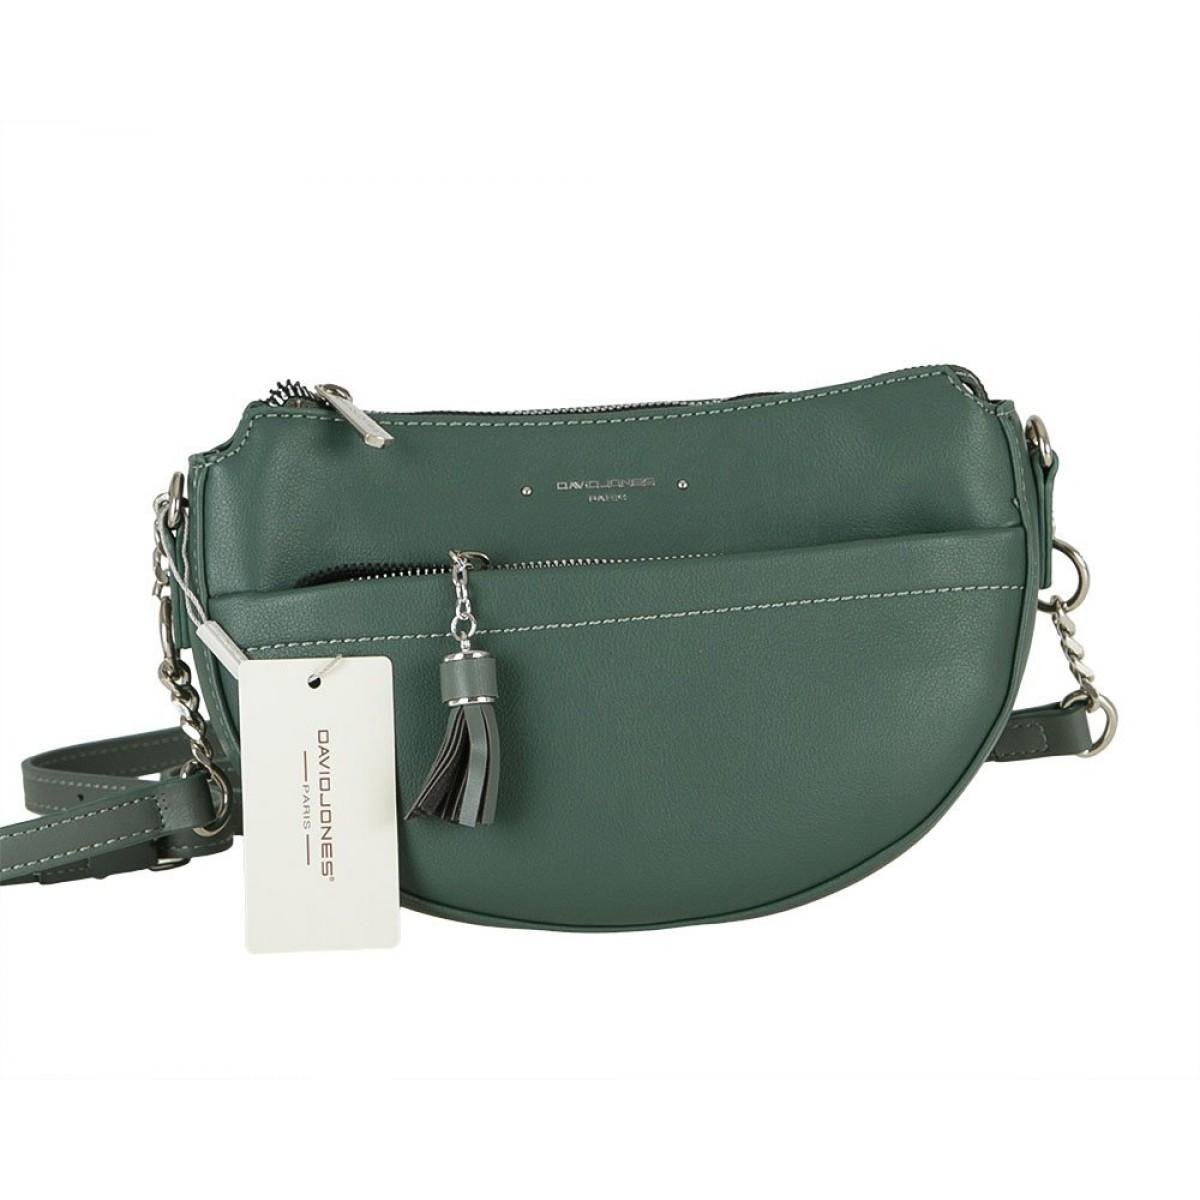 Жіноча сумка David Jones 6415-2 D.GREEN